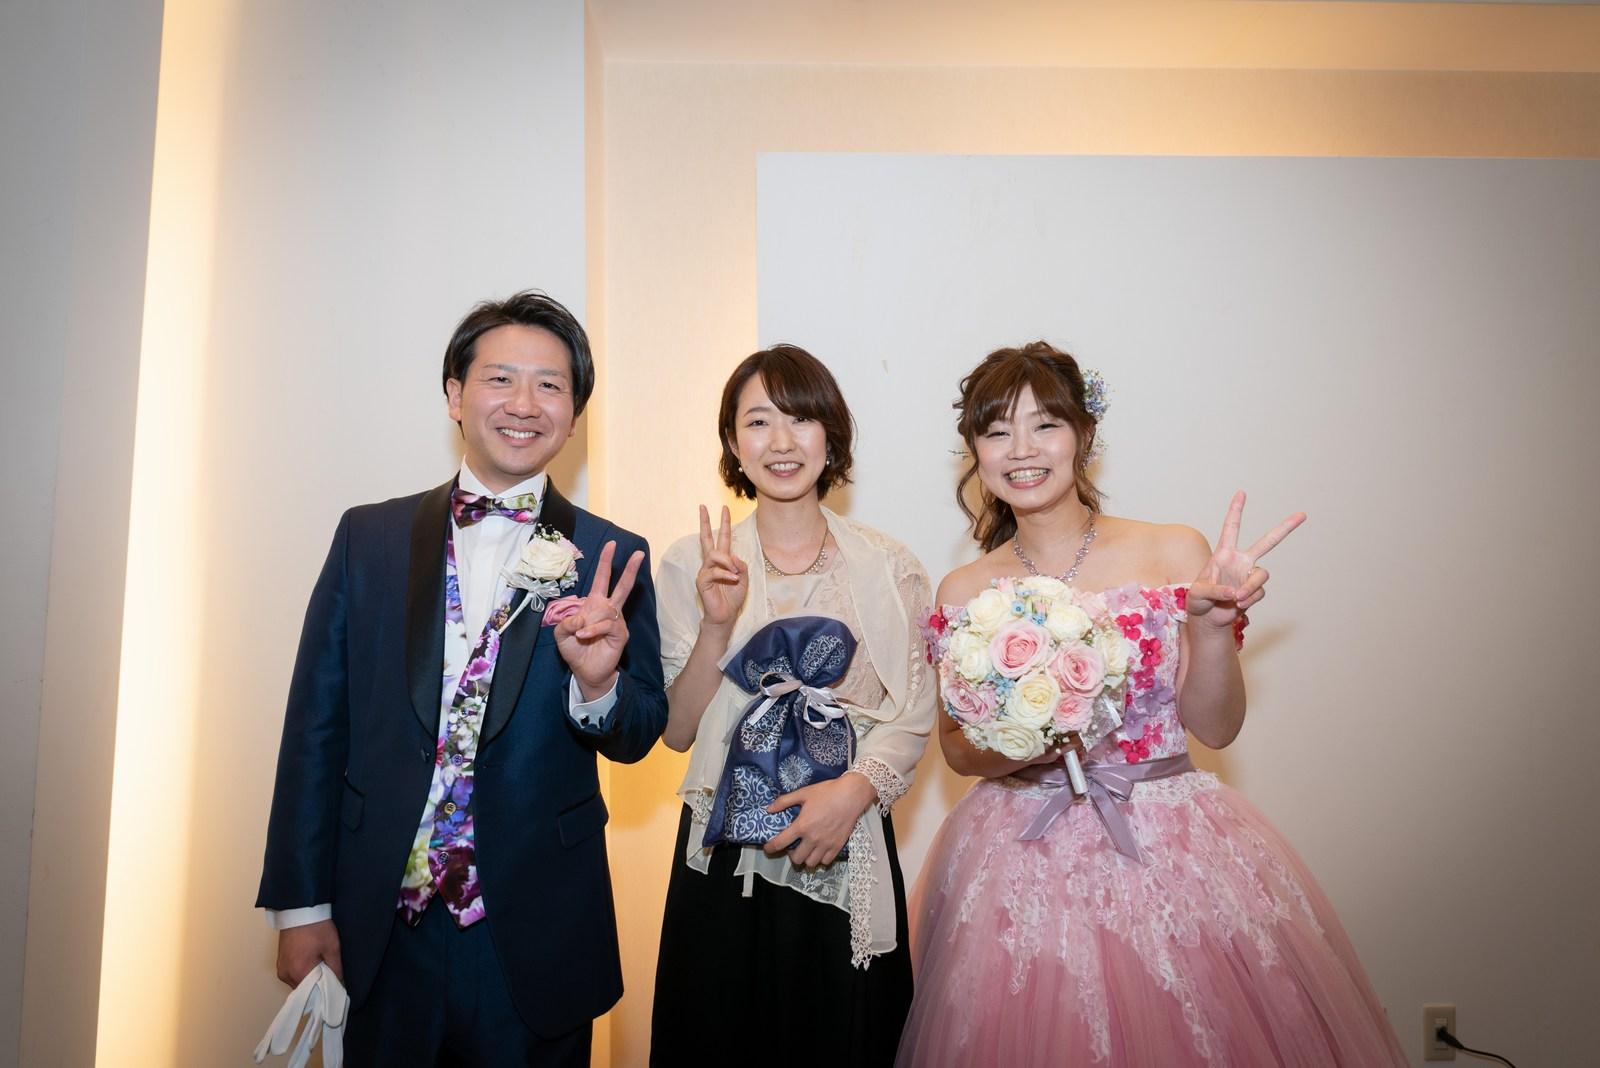 香川県の結婚式場のシェルエメール&アイスタイル ゲストと新郎新婦